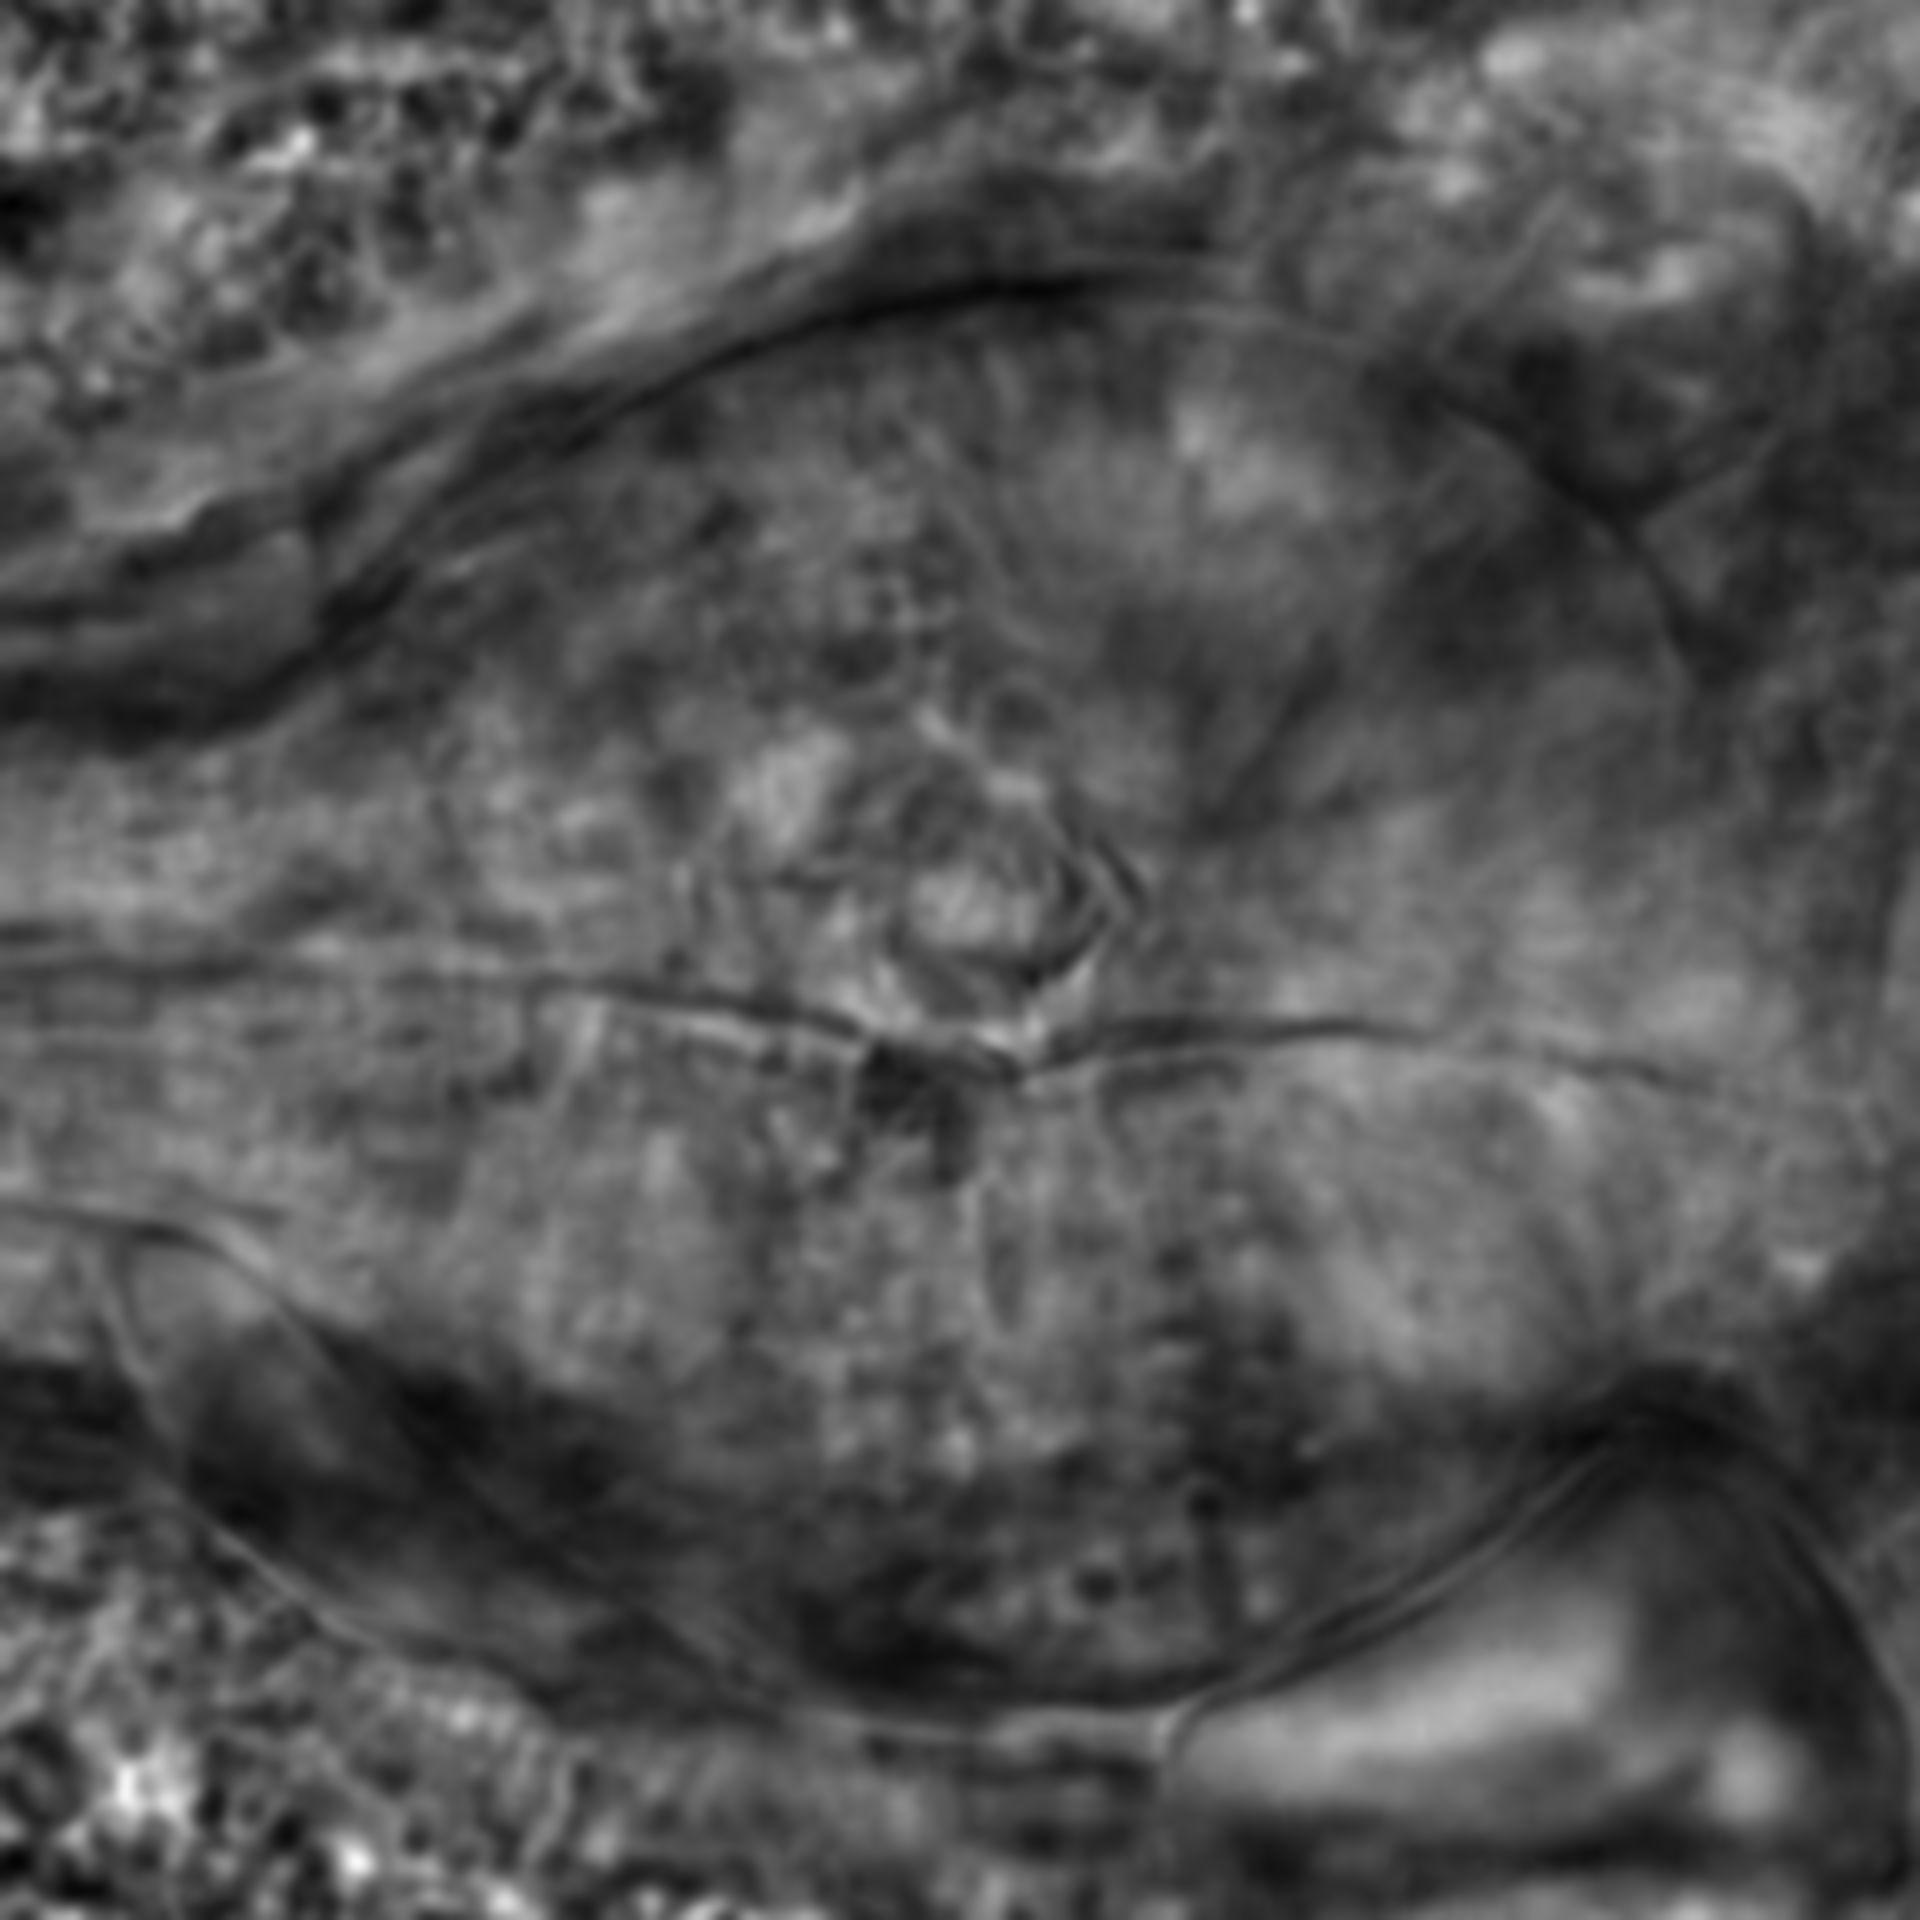 Caenorhabditis elegans - CIL:2855